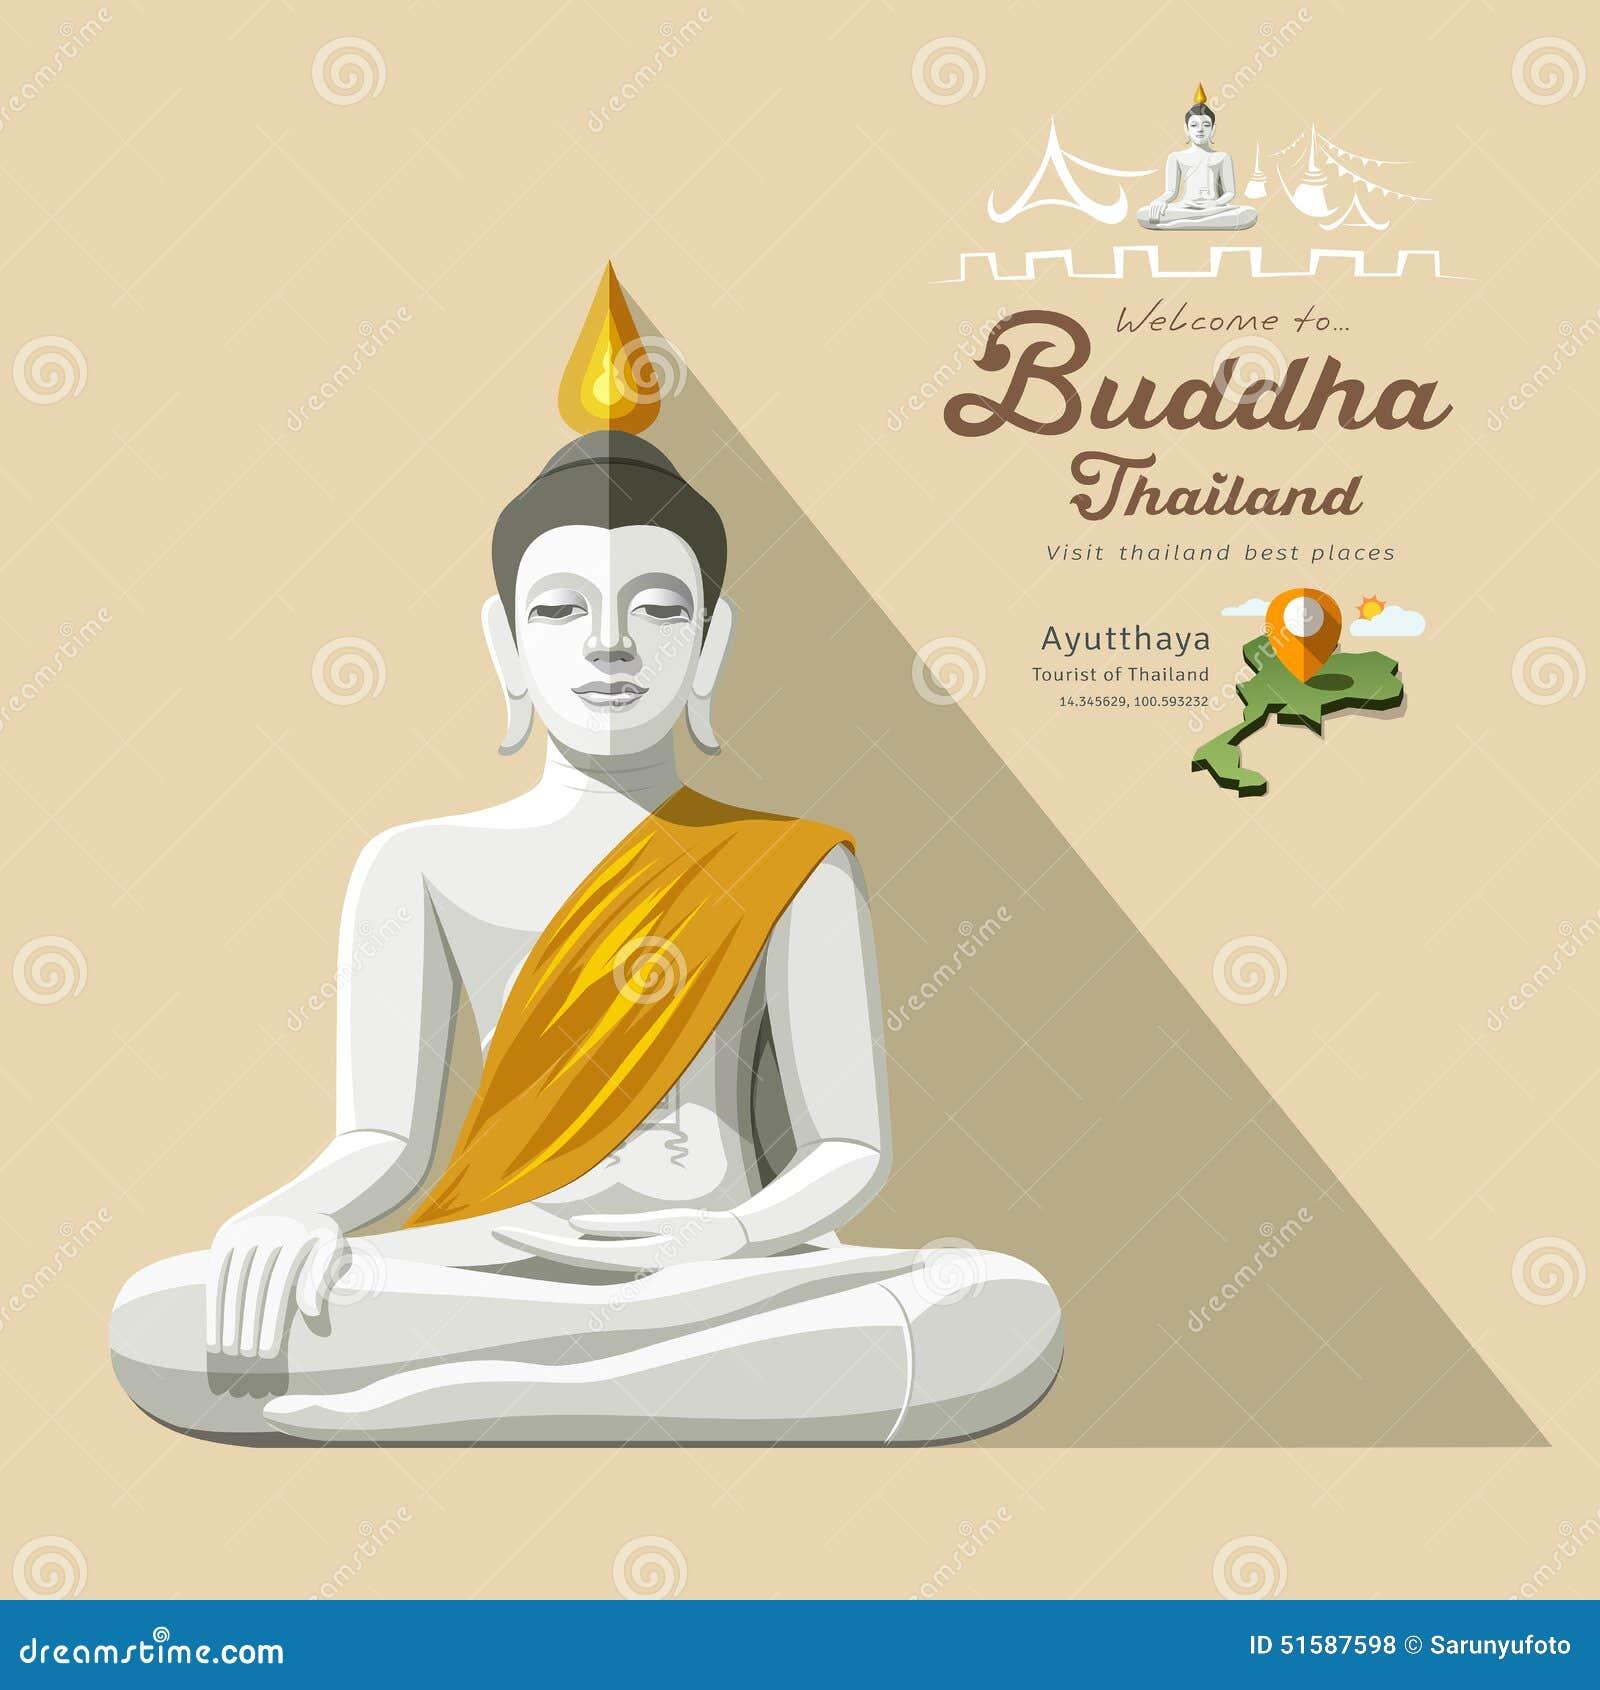 buddha thailand white yellow